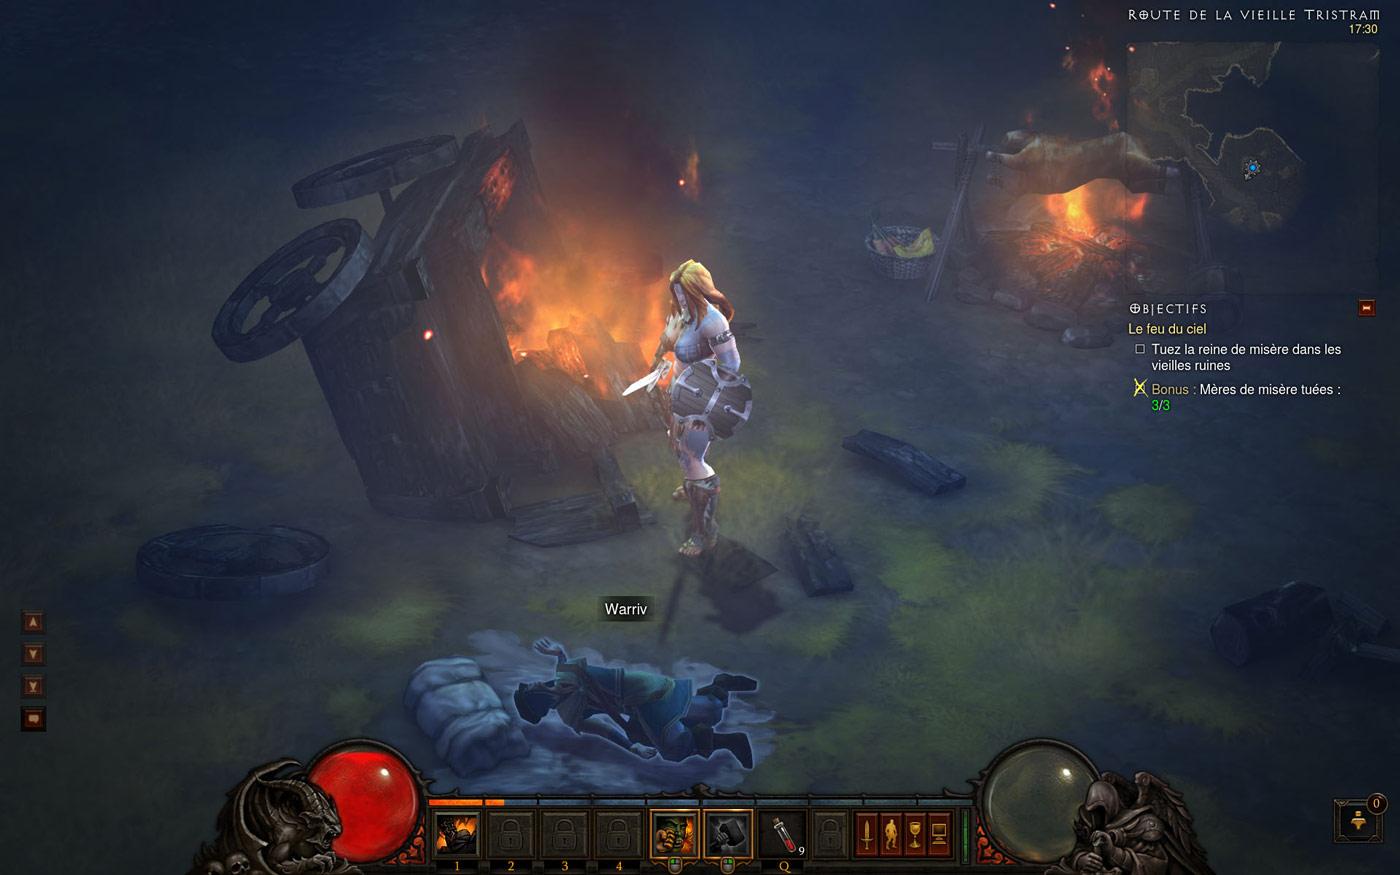 Clin d'oeil au personnage de Warriv, bien connu par les fans de Diablo. Image de Kanendar.